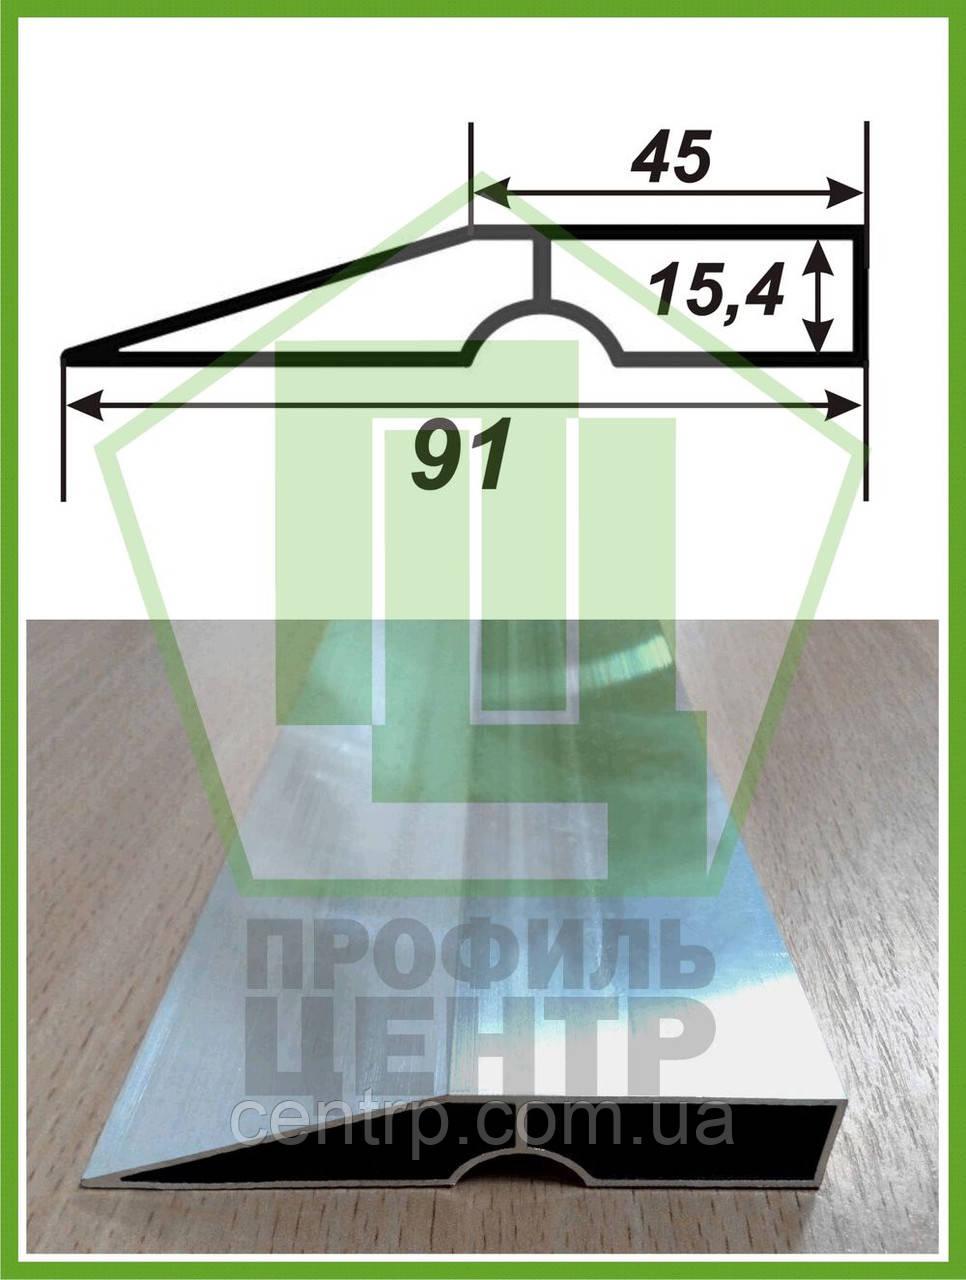 Правило усеченное строительное 3,0 м